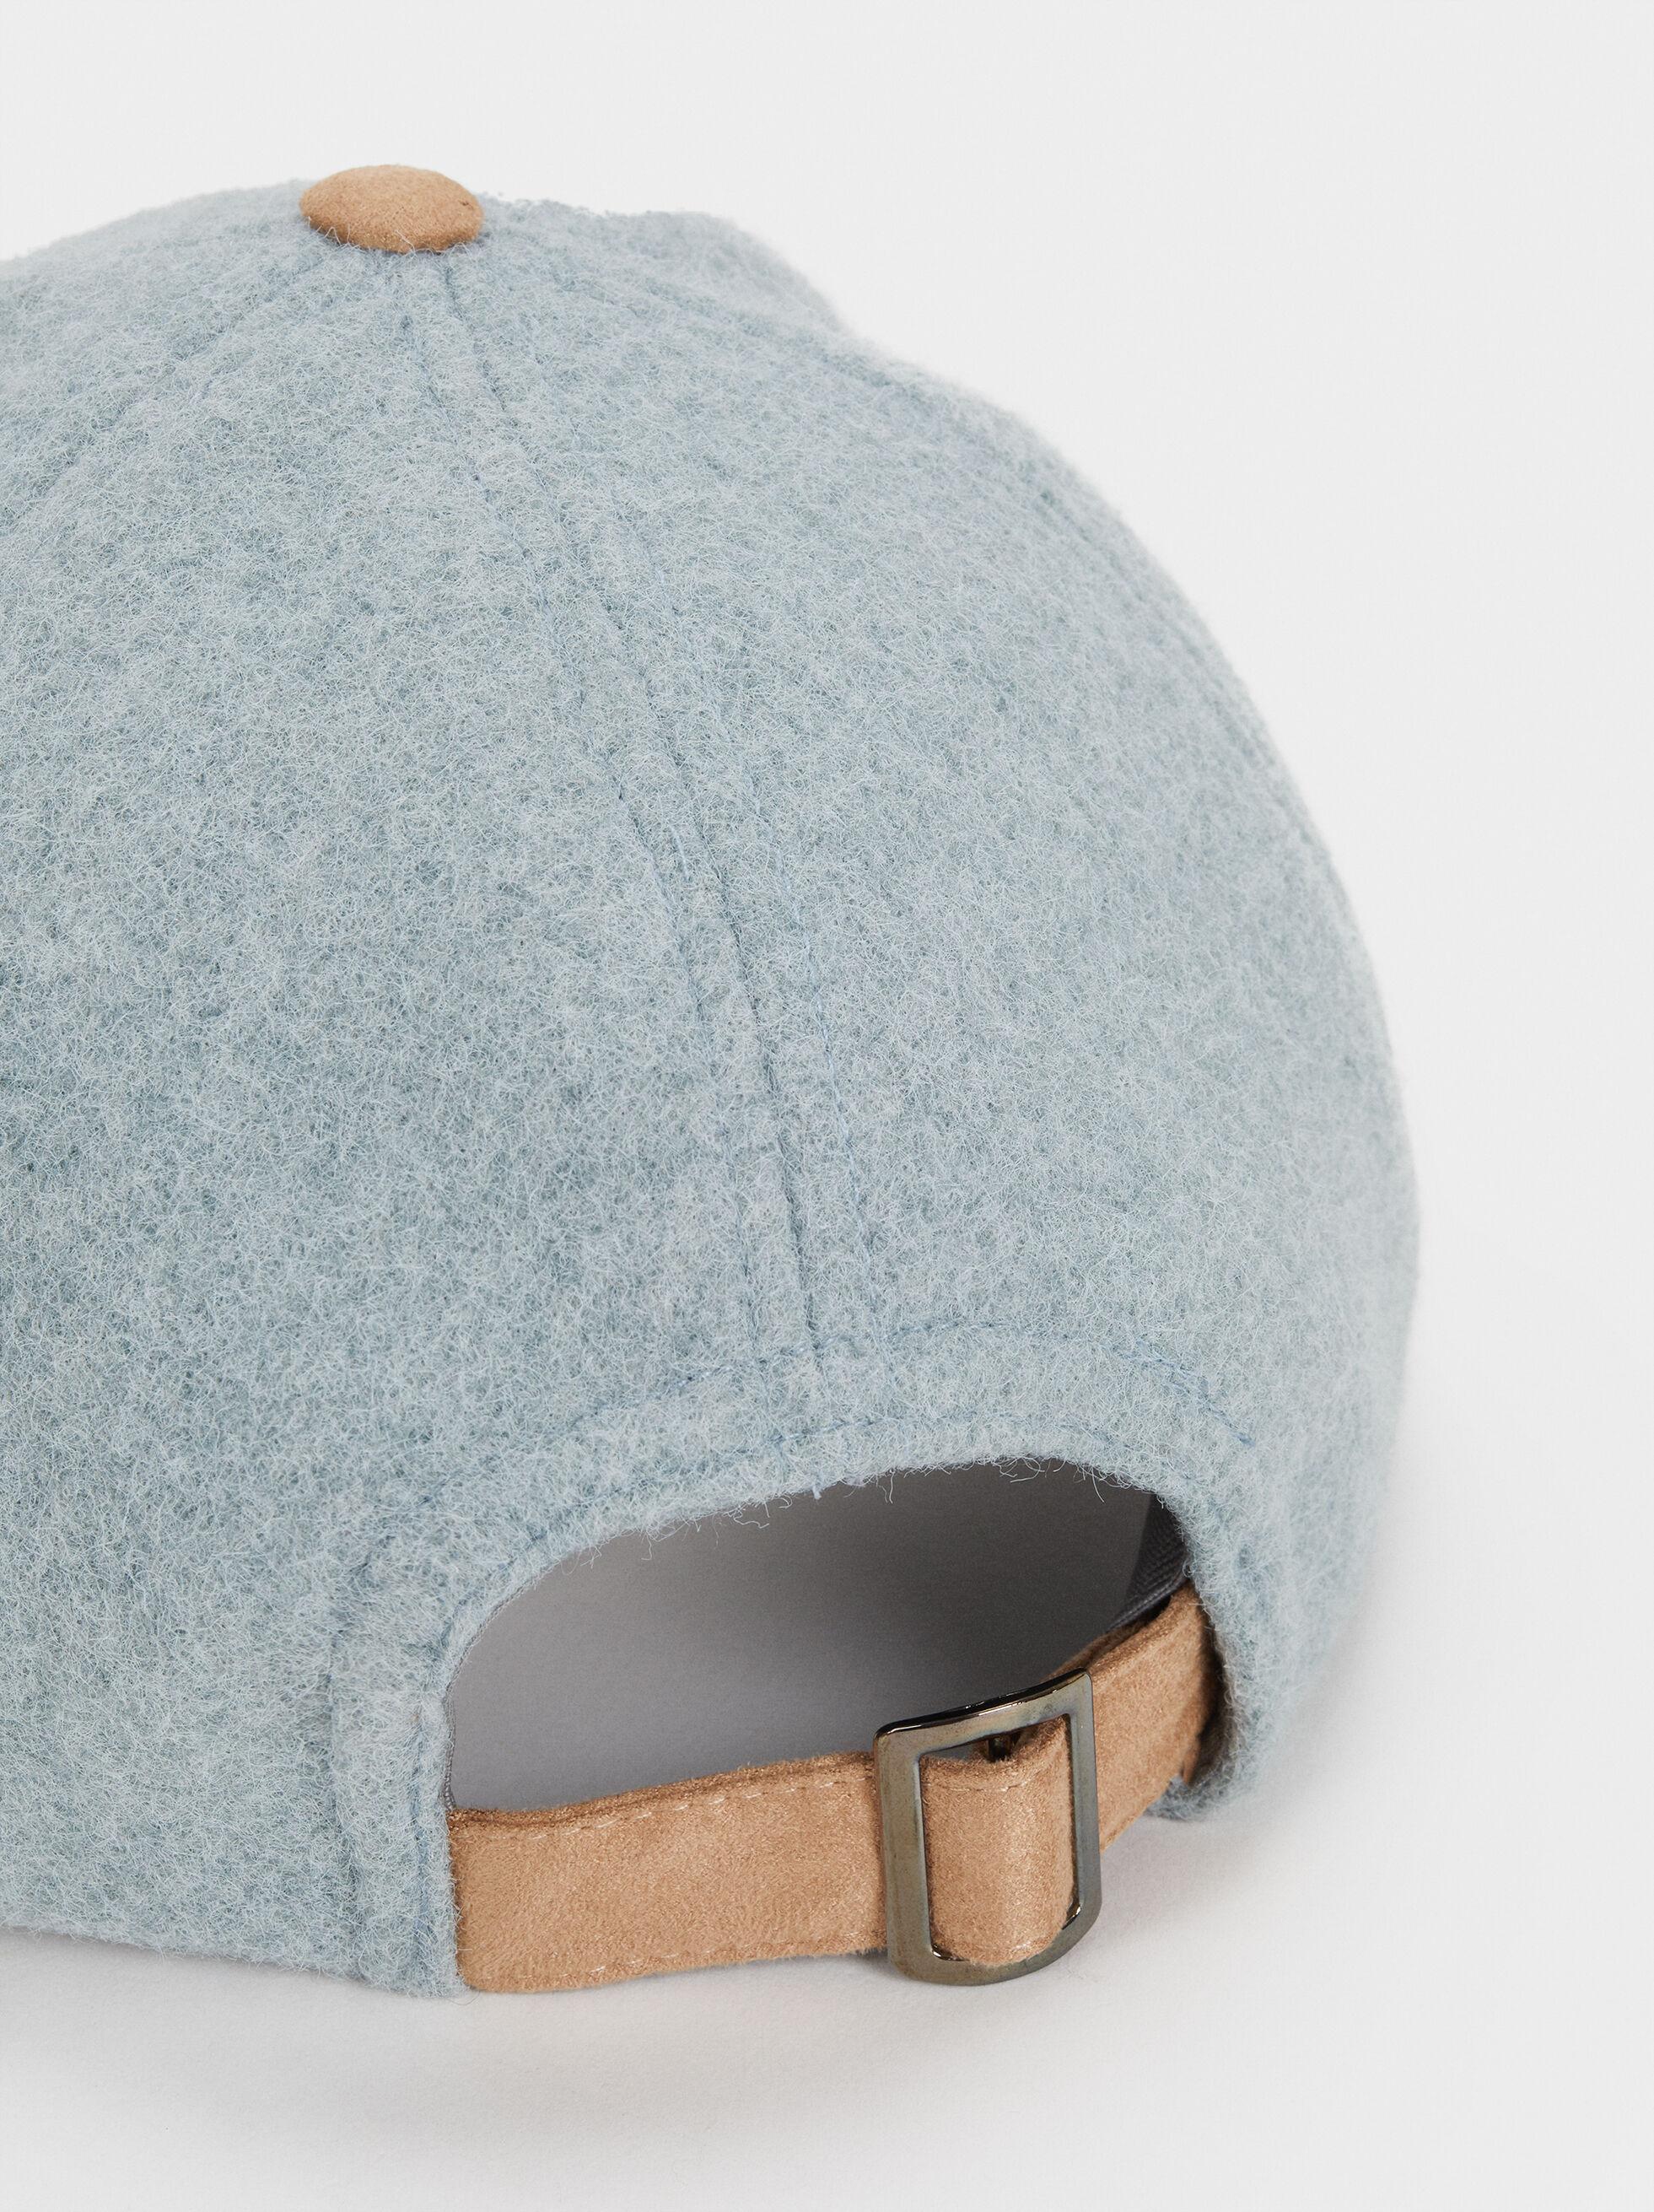 Plain Cap, Grey, hi-res